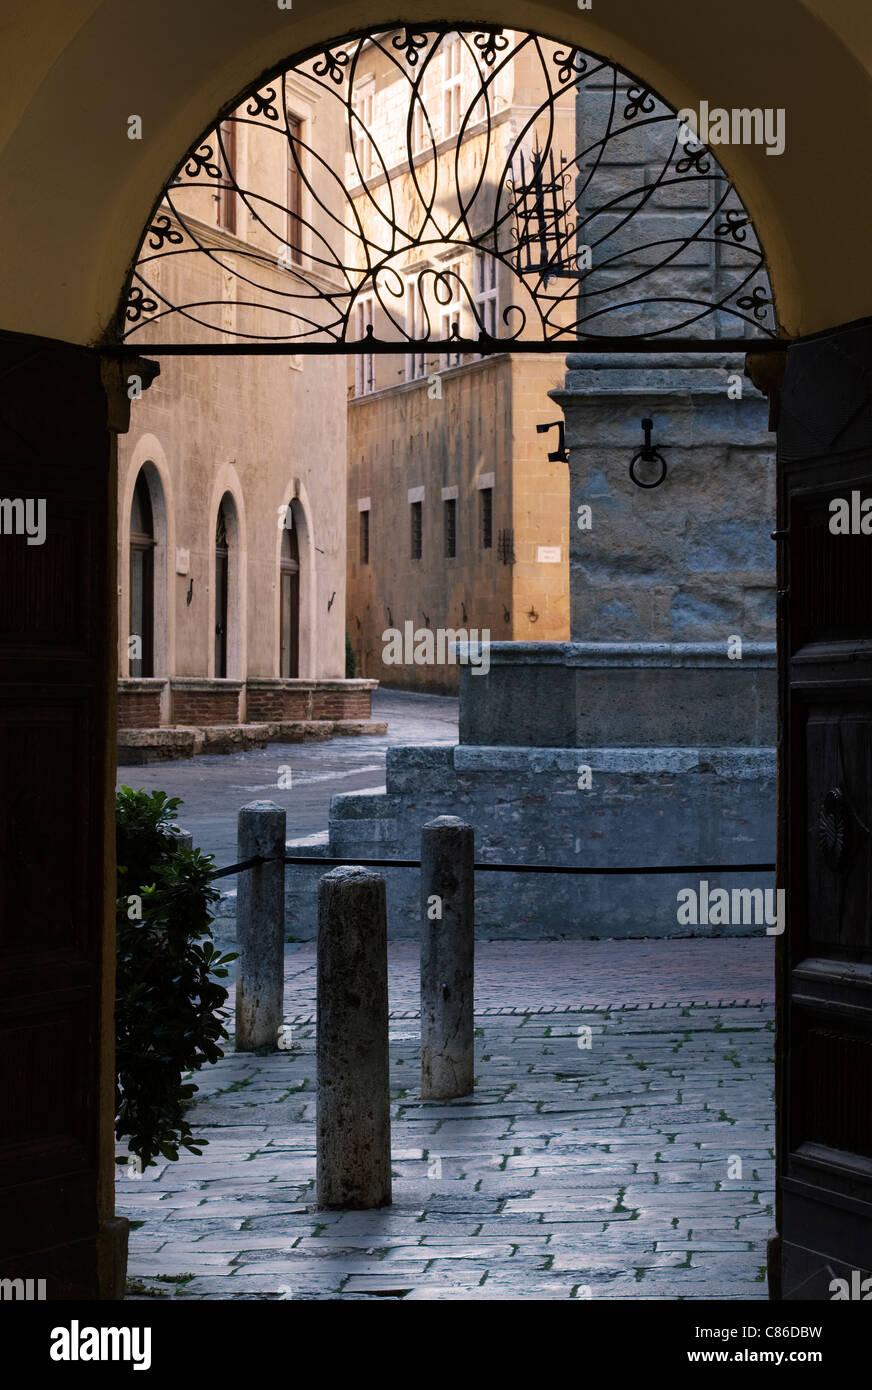 Scena di strada - Pienza, Toscana - La mattina presto porta. Immagini Stock